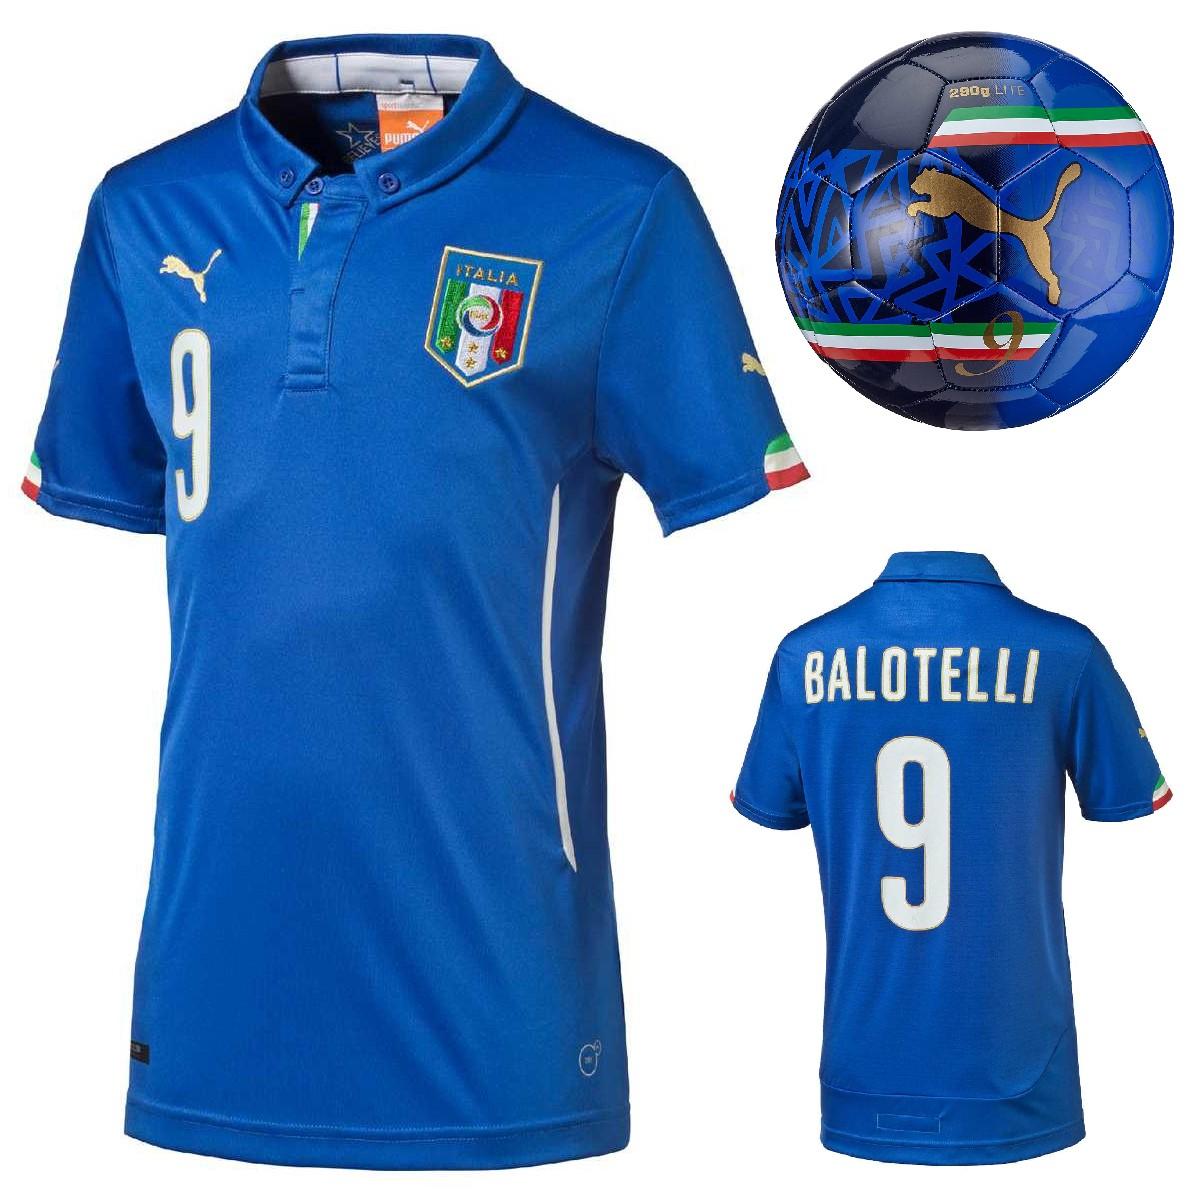 Puma Italien Trikot Mario Balotelli Gr. 128 - 176 + Italien Ball evoPOWER für 14,69€